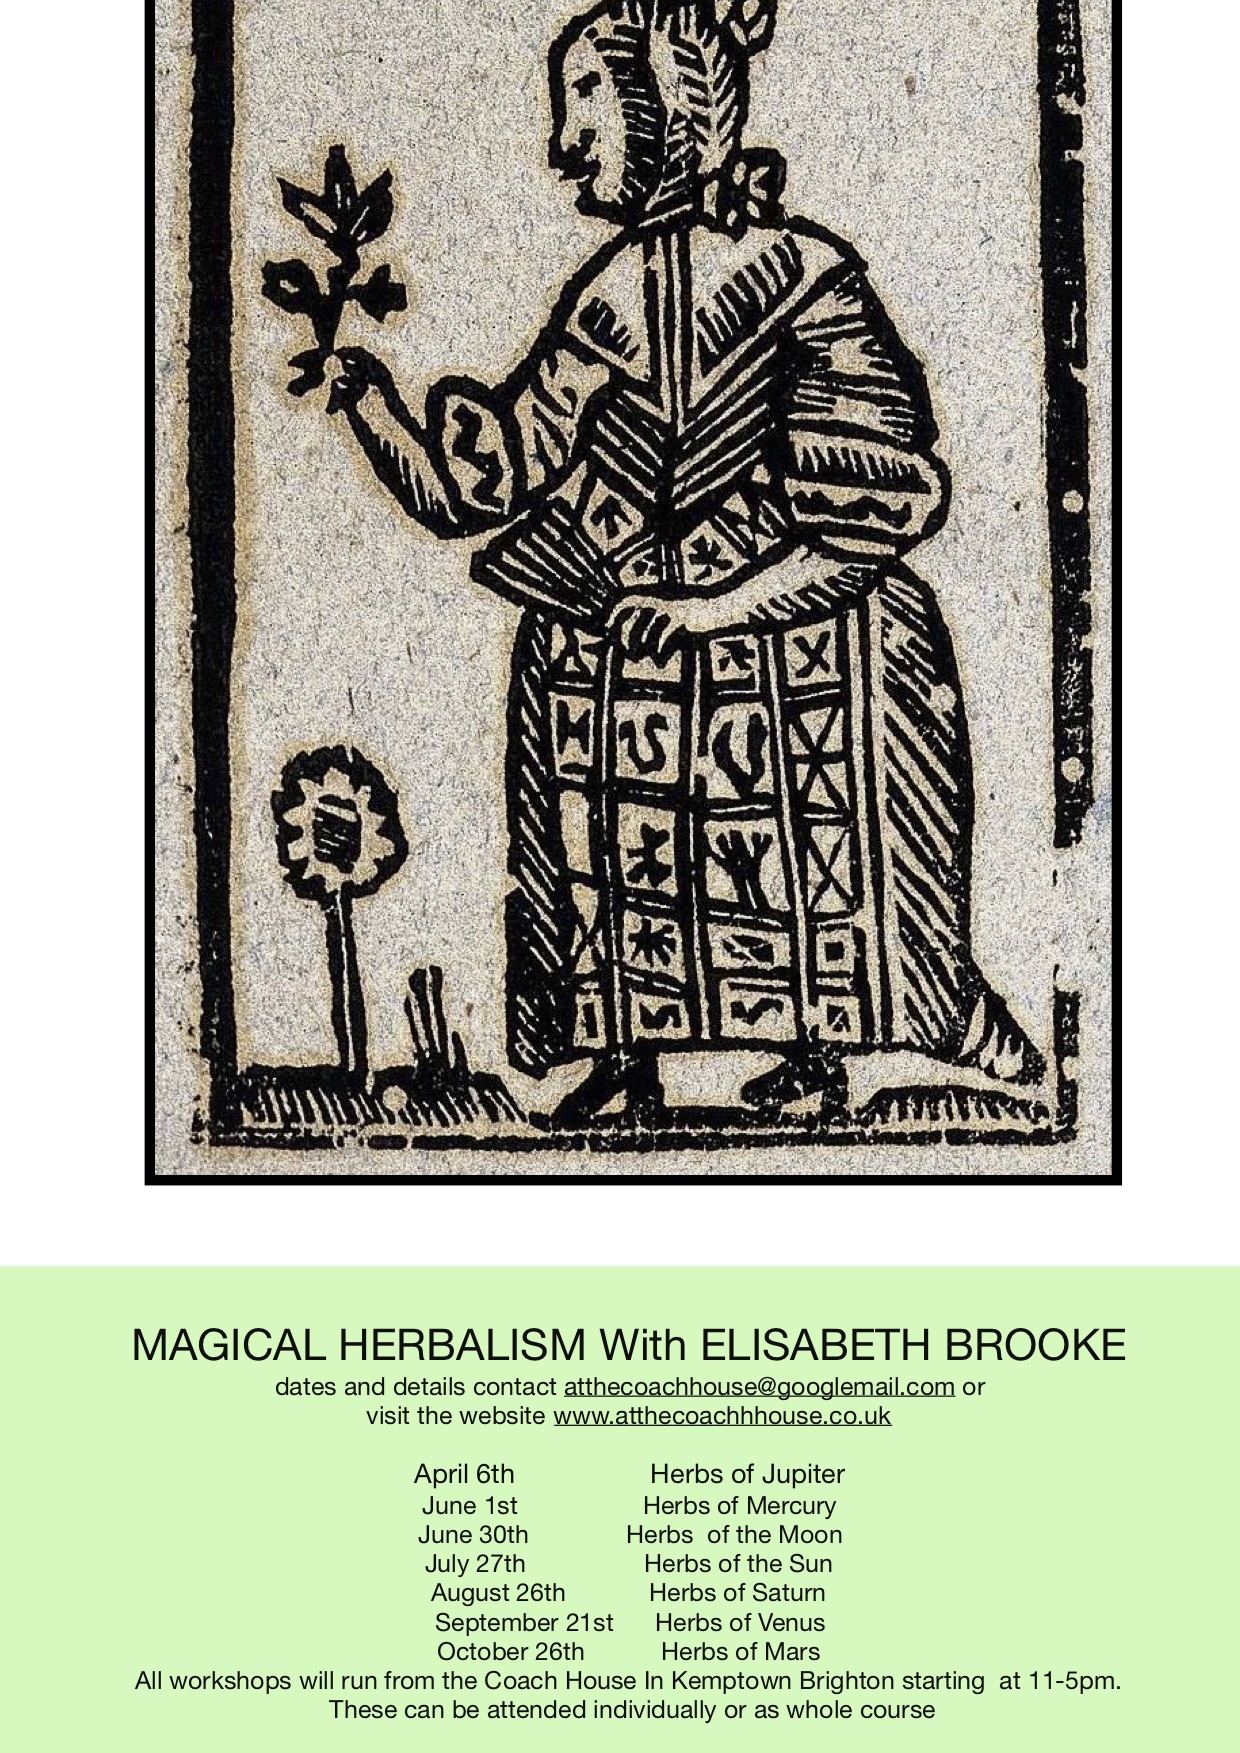 ELISABETH BROOKE